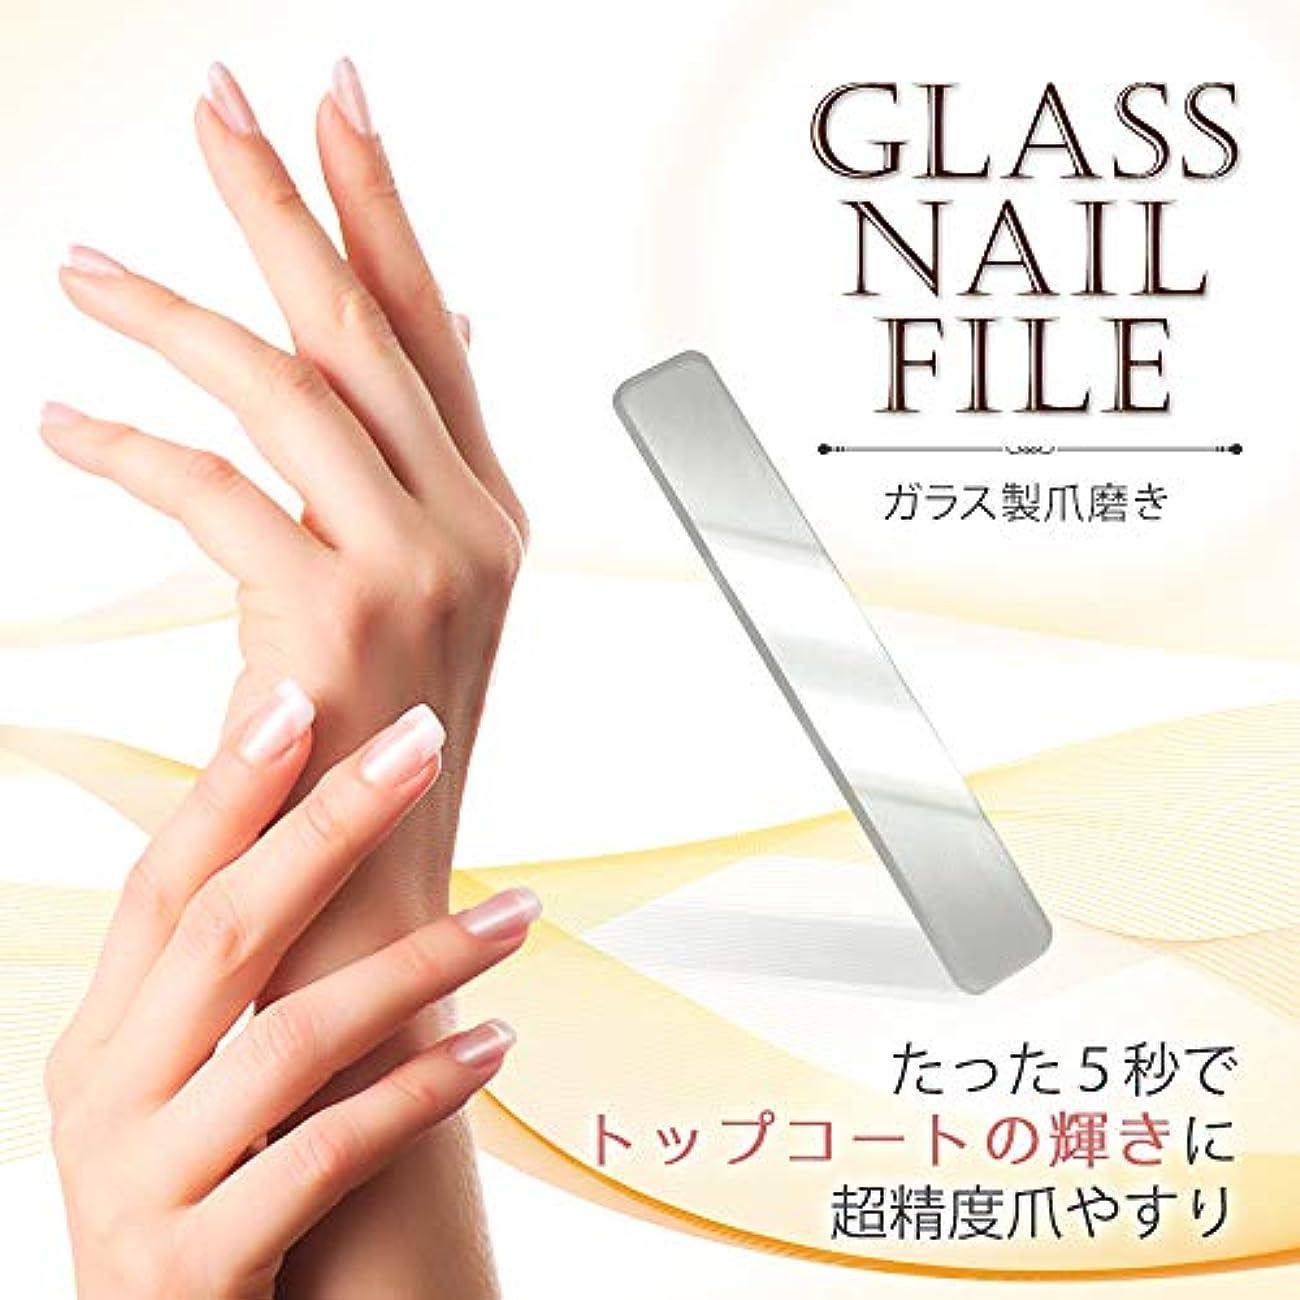 骨髄作る公平5秒で実感 Glass Nail File (ガラス製 爪やすり 爪みがき つめみがき 爪磨き ネイルファイル ネイルシャイナー グラスシャイナー バッファー ネイルケア 爪ケア)